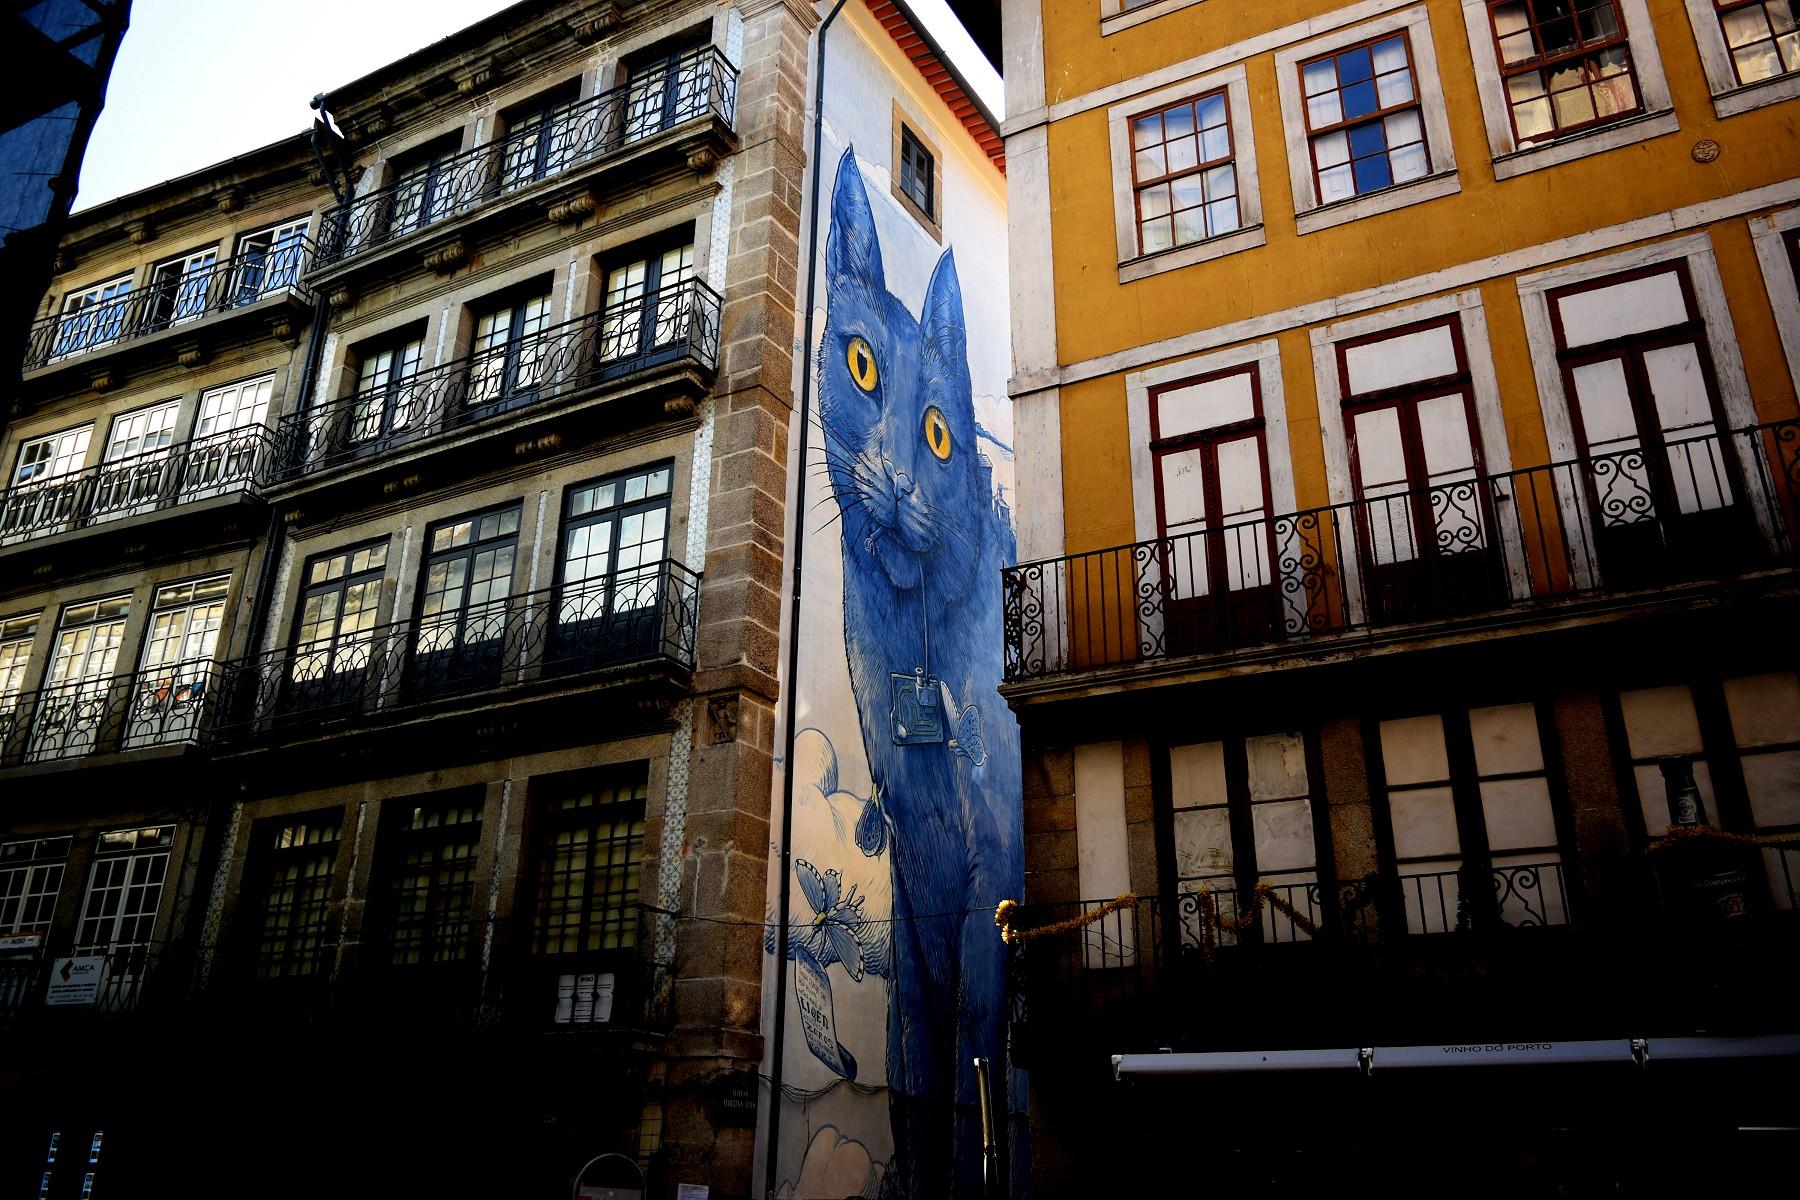 Perspentico, il grande gatto blu dello street artist Liqen | Collater.al 2